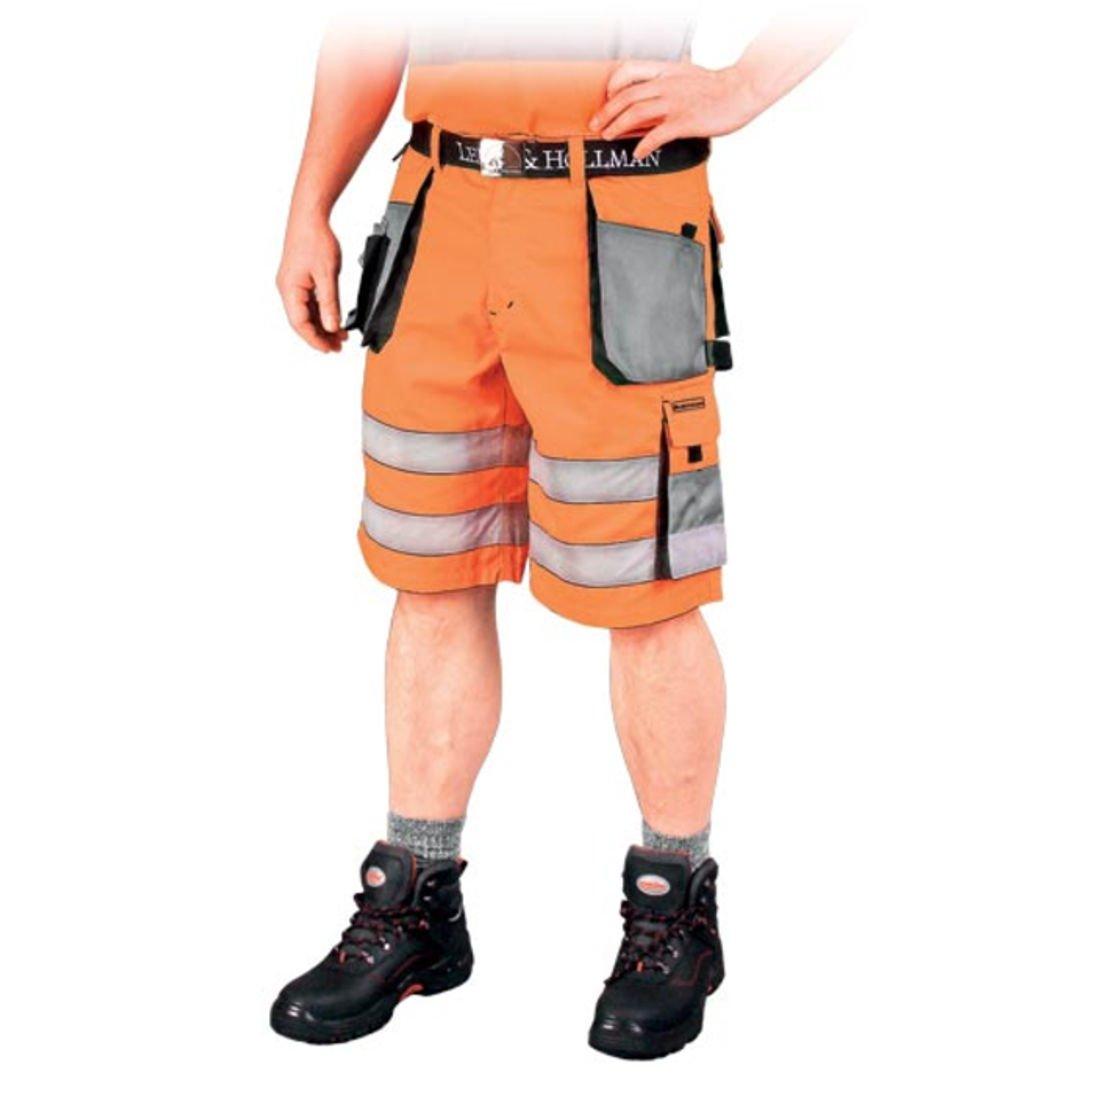 kurze Warnschutzhose mit Reflektionsstreifen orange neon gelb Arbeitshose Warnschutz Sicherheitshose orange L